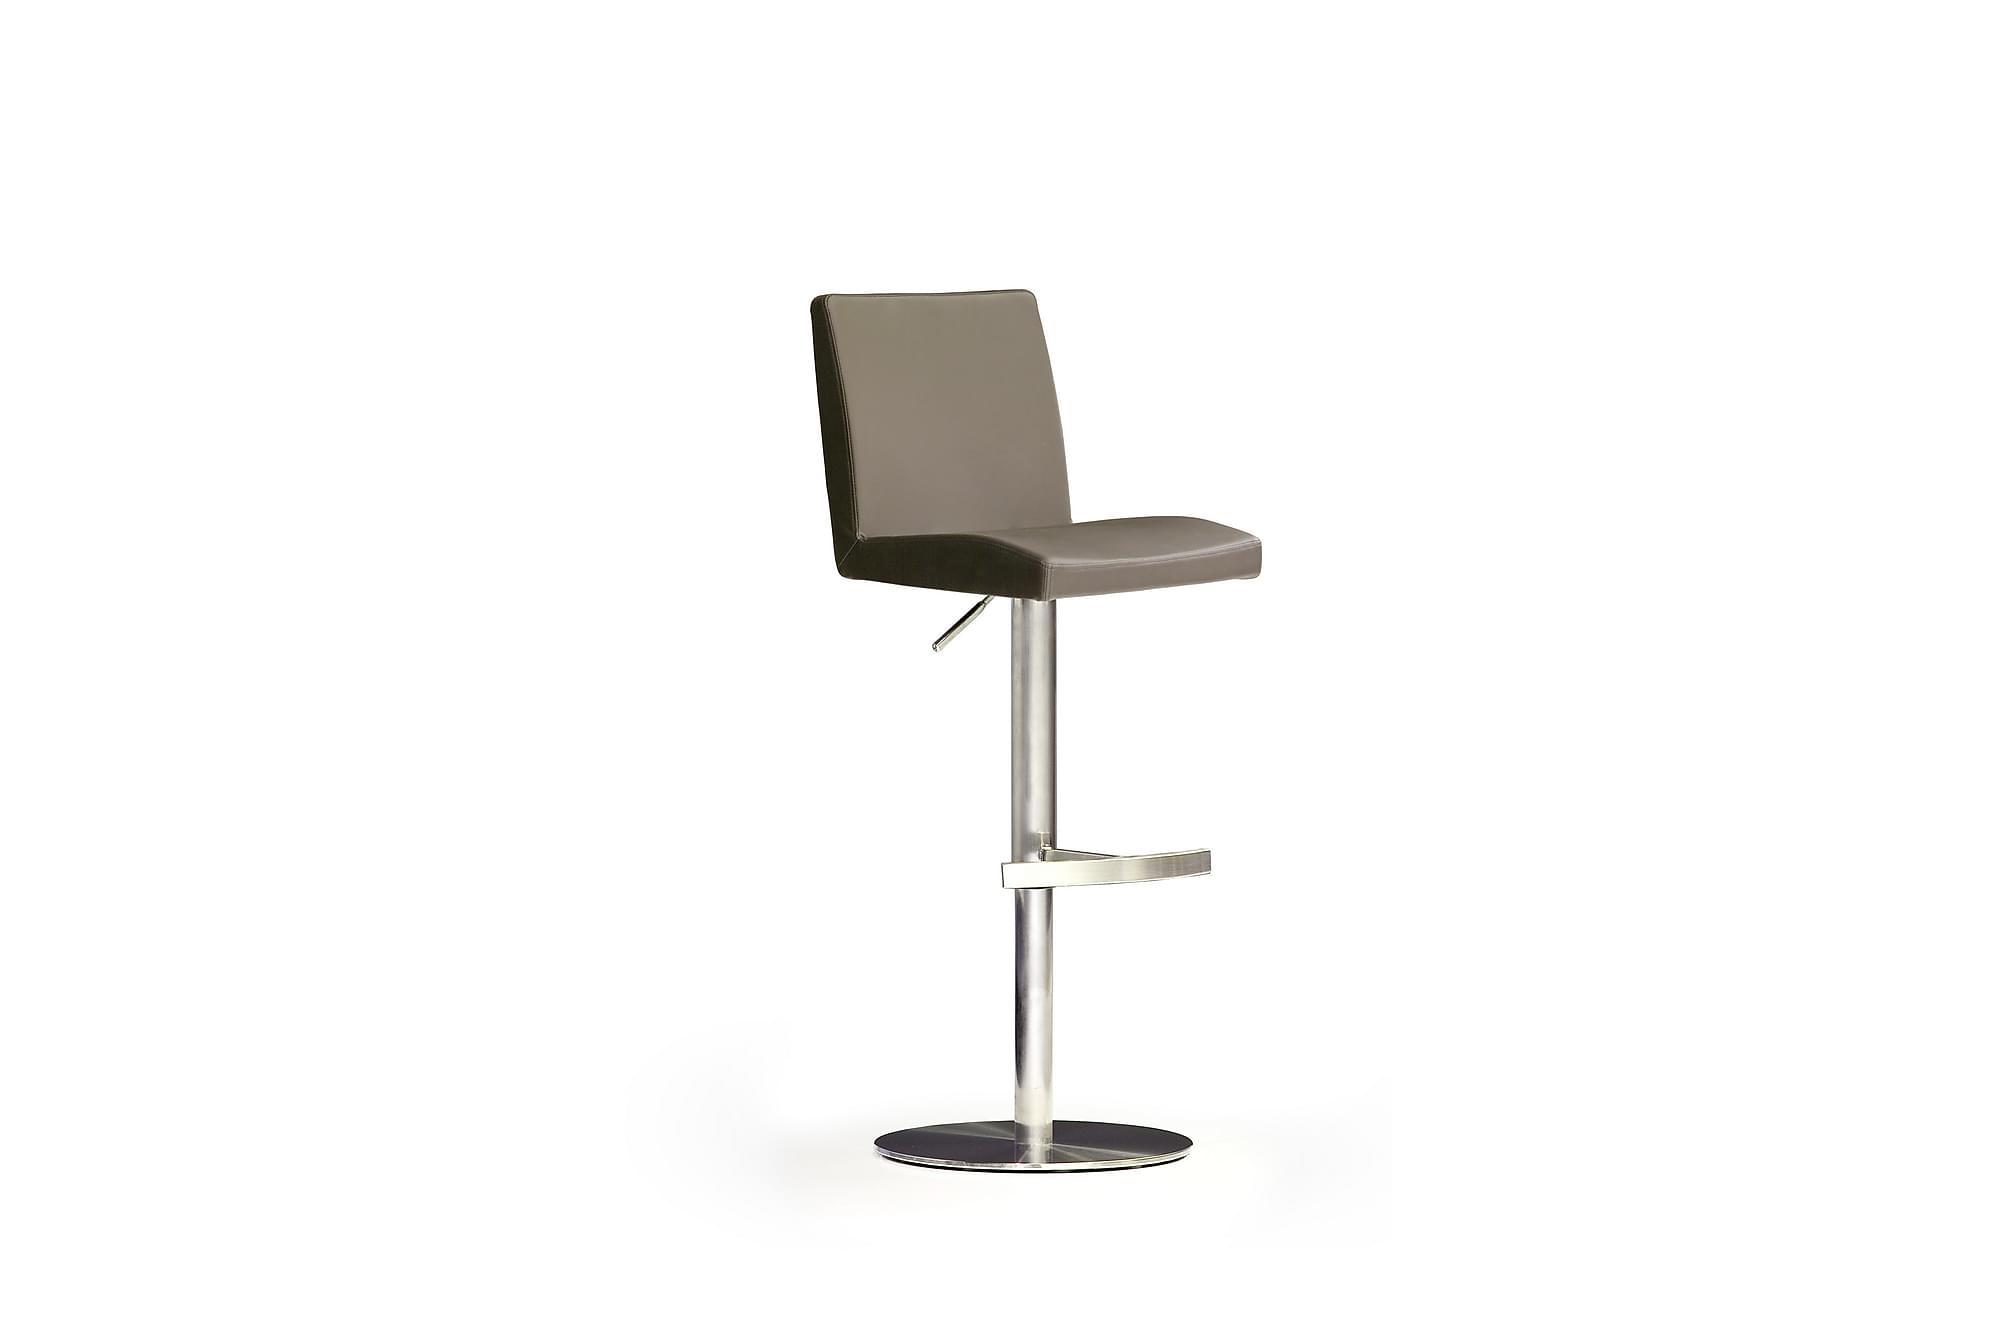 Soila barstol rund fot konstläder cappuccino/stål